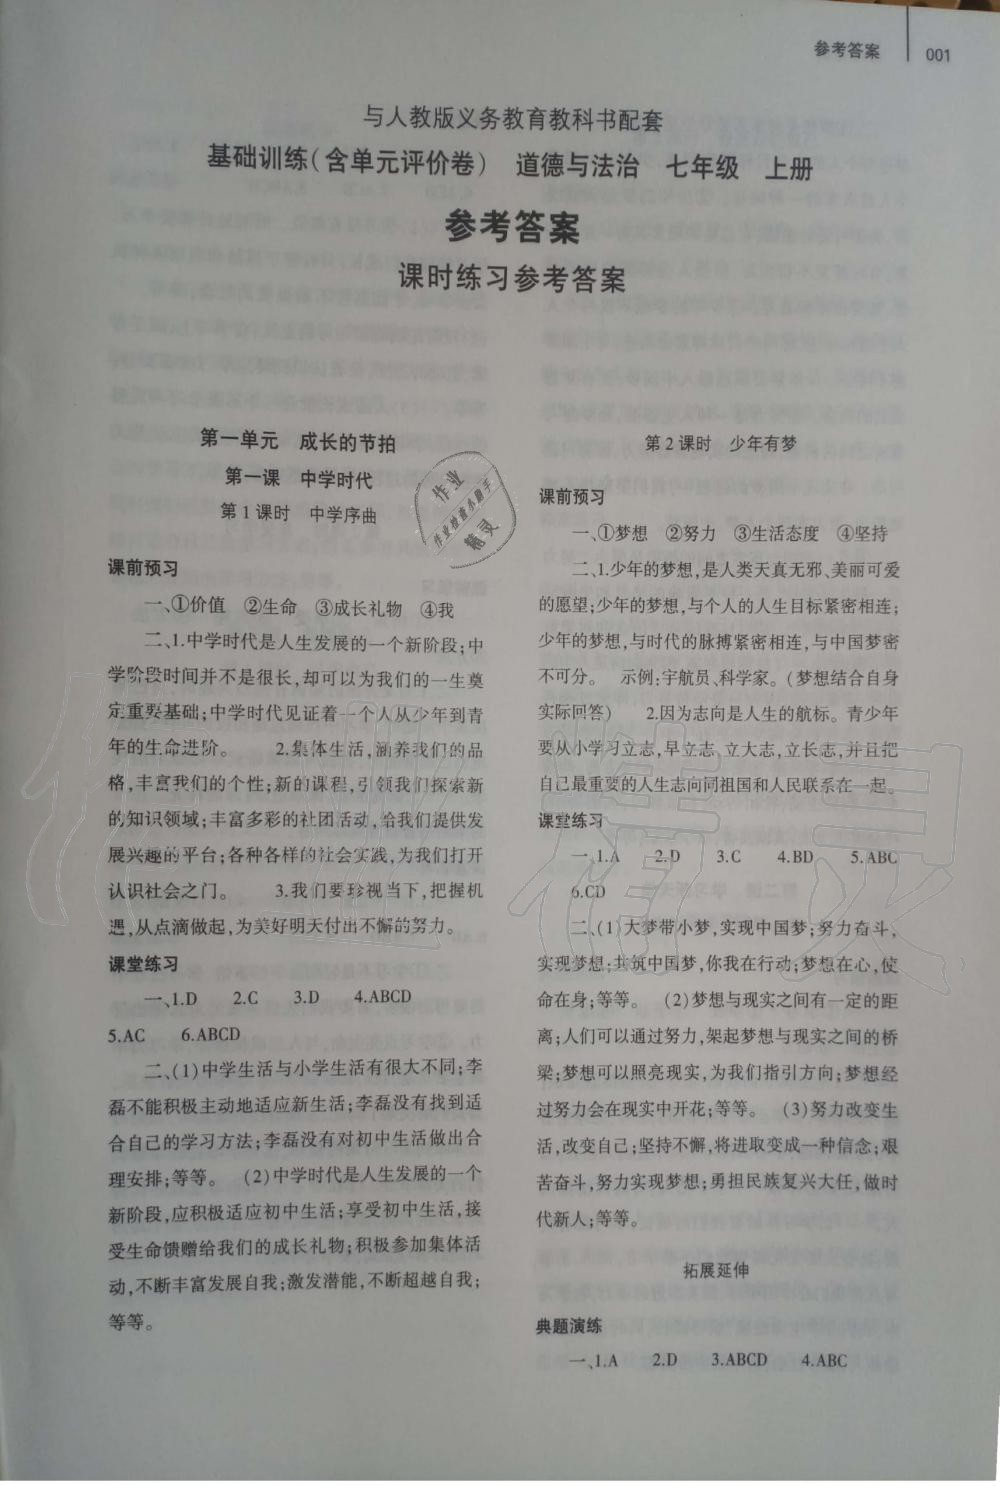 2019年基础训练七年级道德与法治上册人教版大象出版社第1页